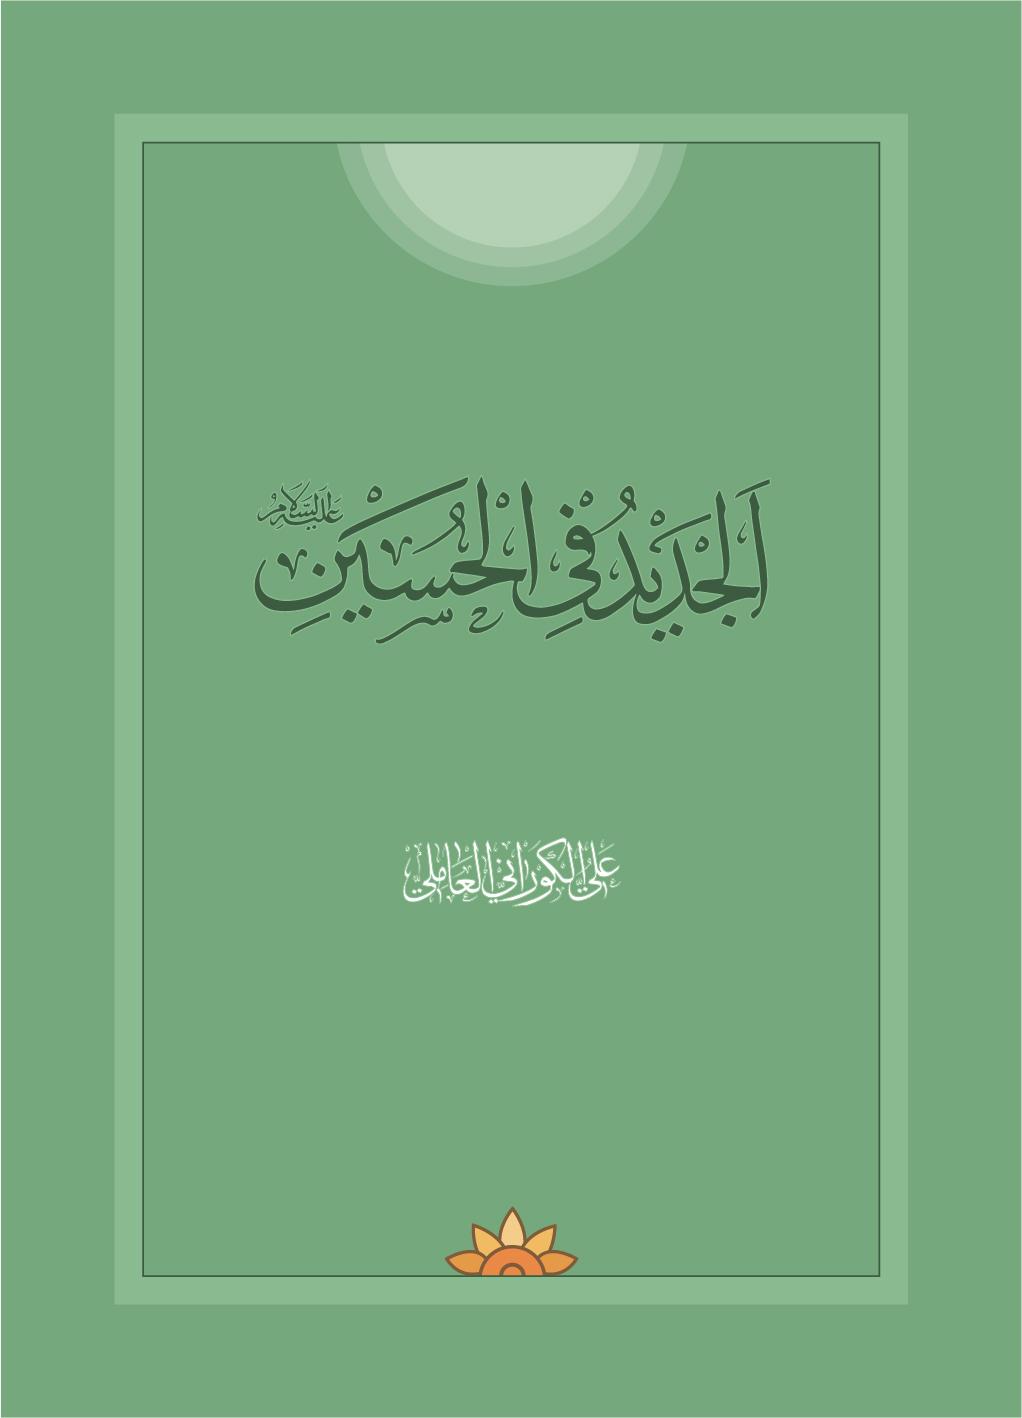 الجديد في الحسين عليه السلام موقع سماحة العلامة الشيخ علي الكوراني العاملي